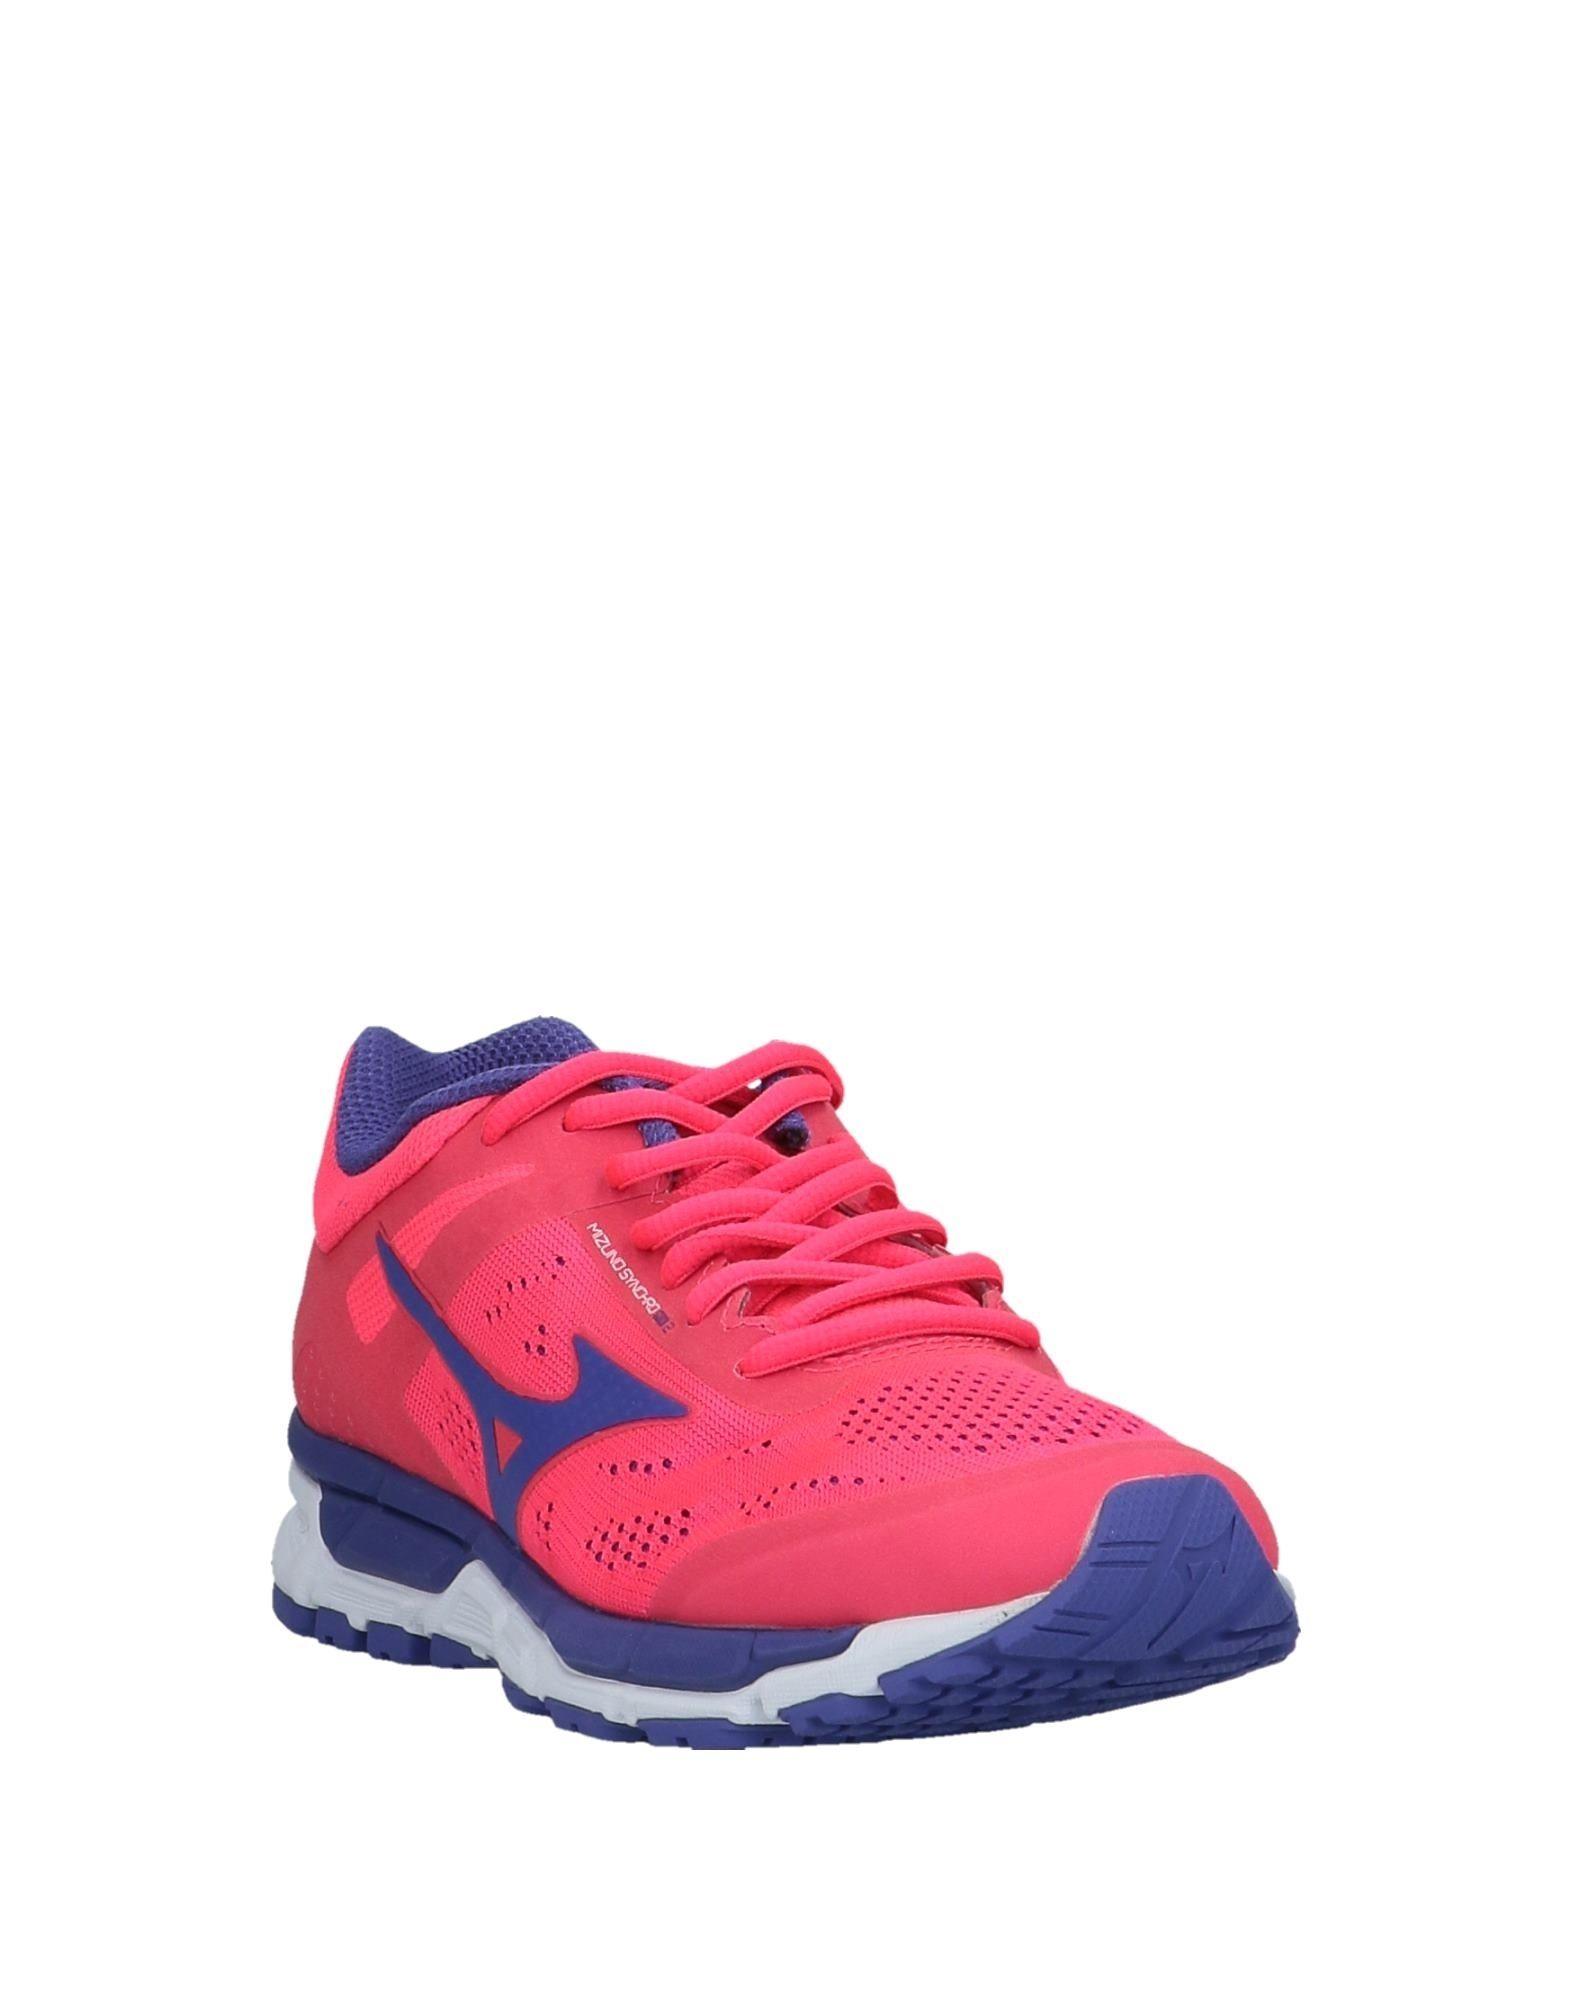 Mizuno Sneakers Damen  11538551NX Gute Schuhe Qualität beliebte Schuhe Gute 84a50a